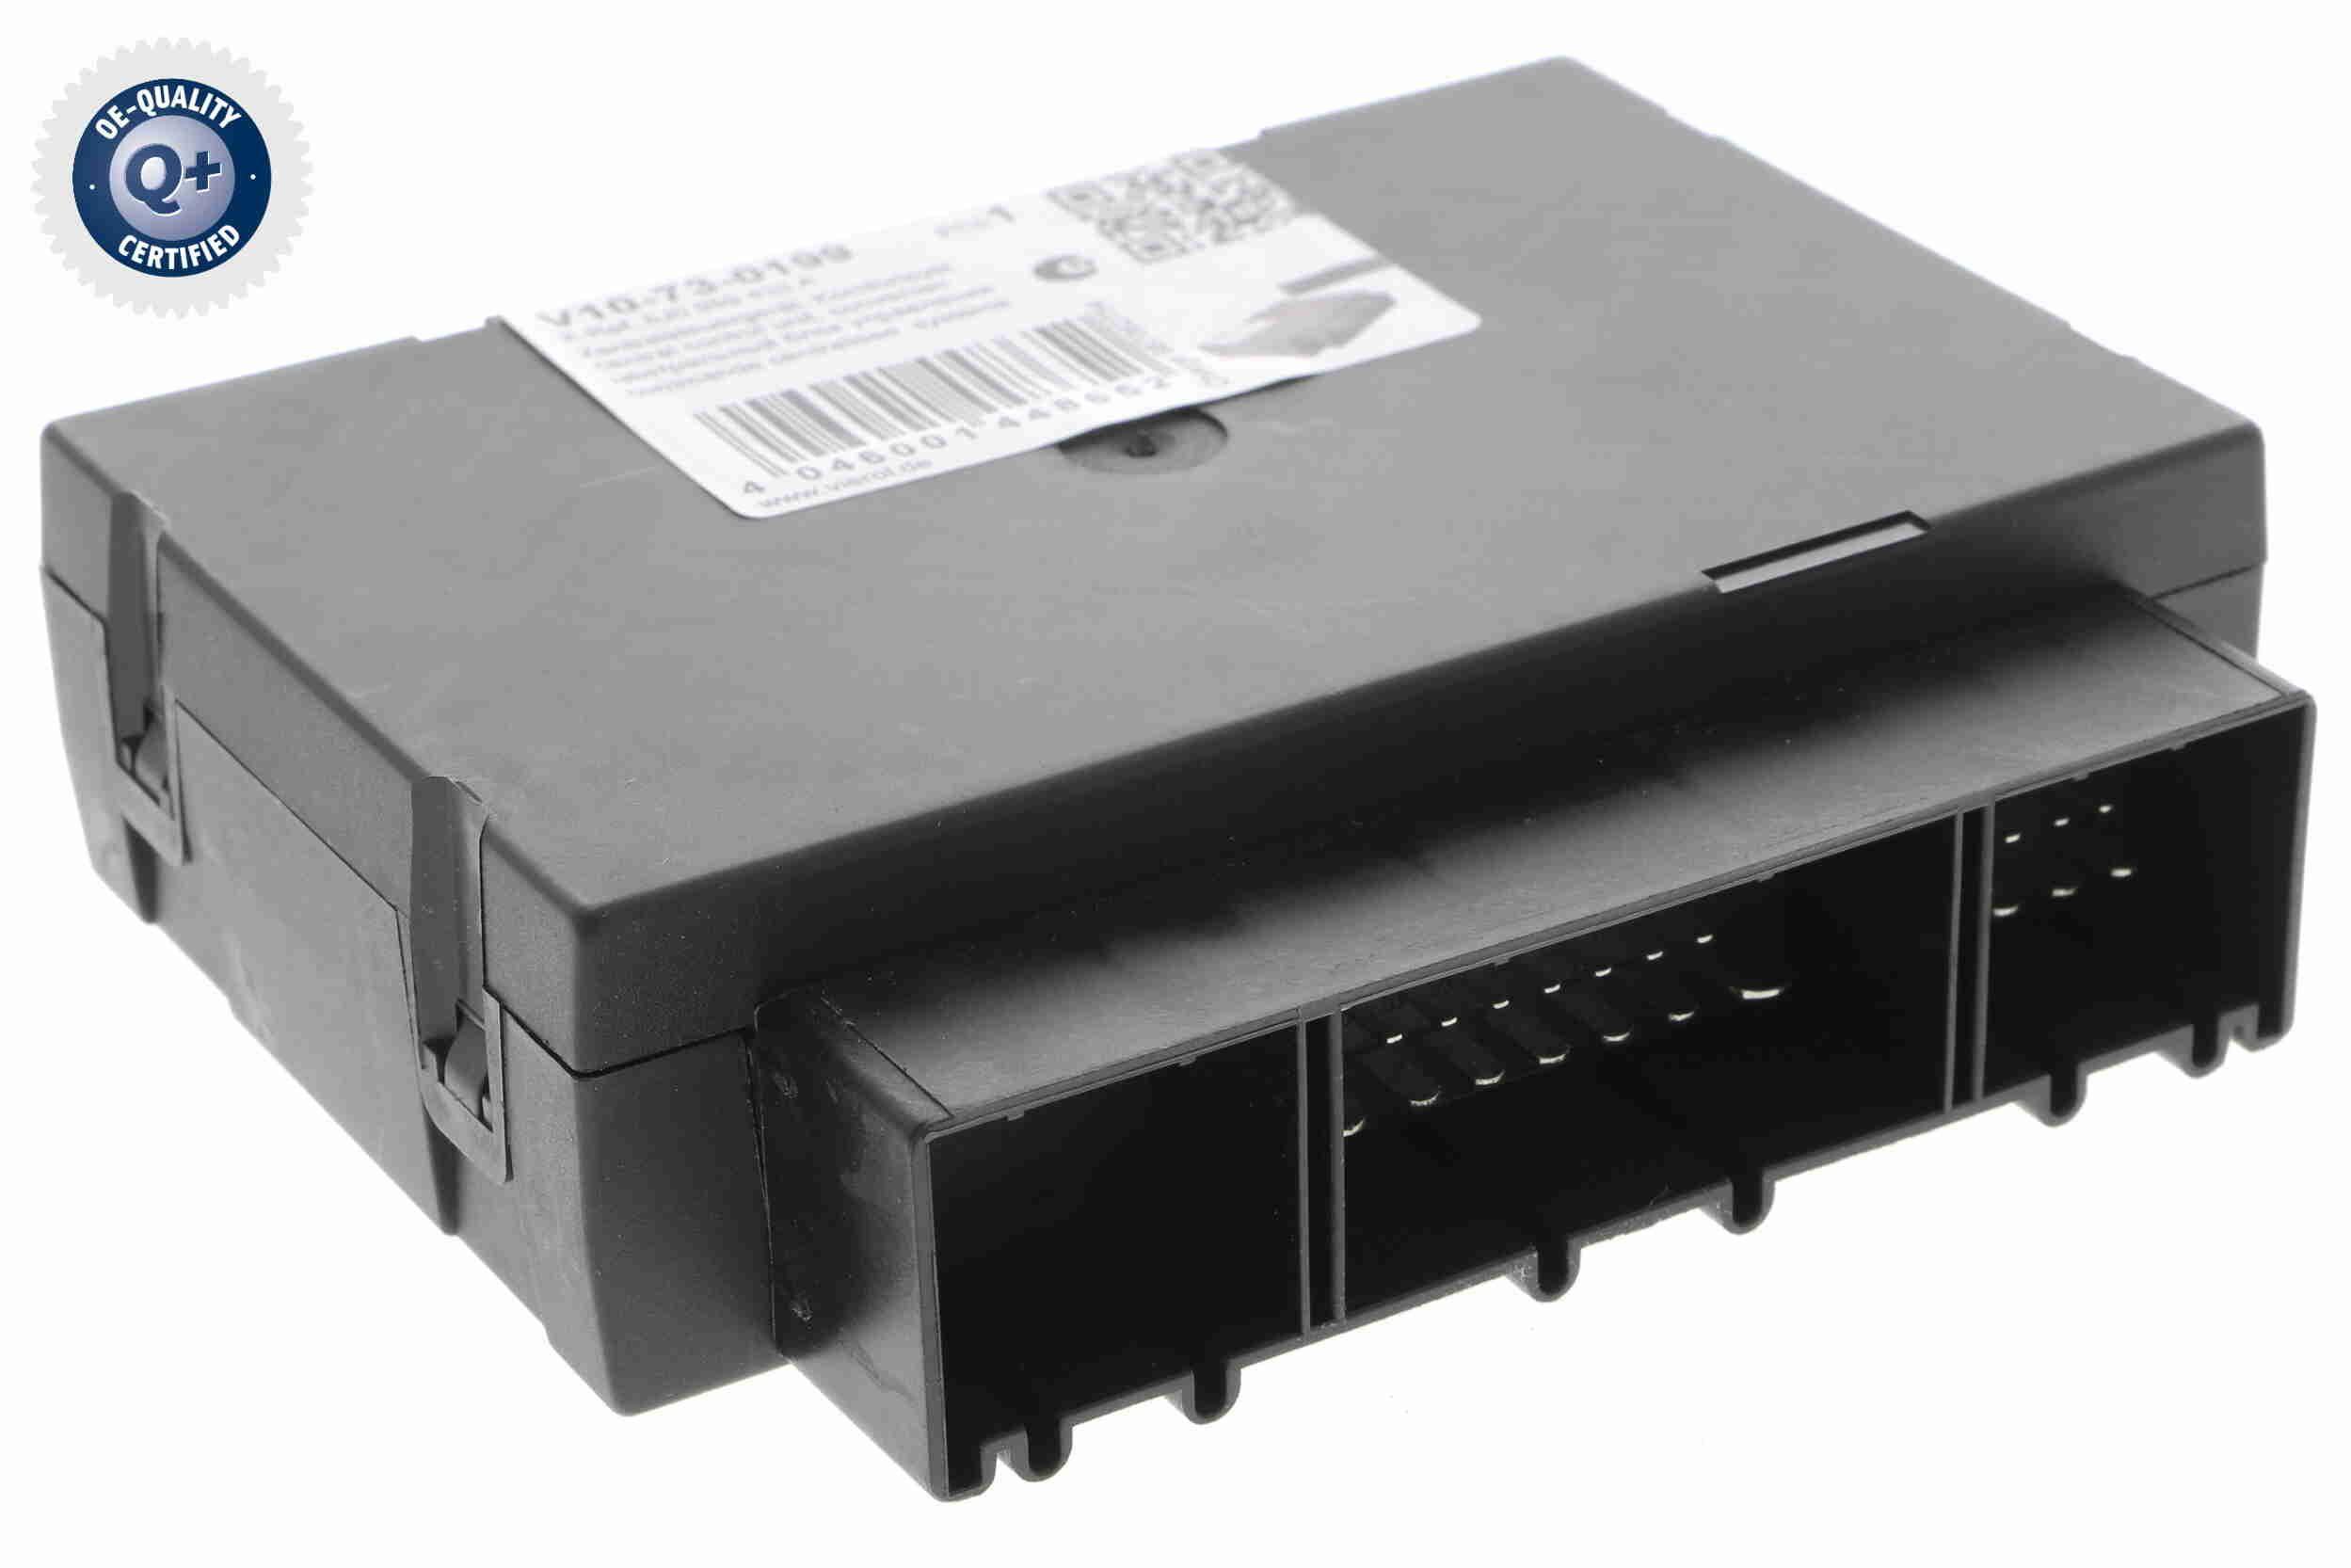 Управляващ блок, централно заключване V10-73-0199 купете онлайн денонощно